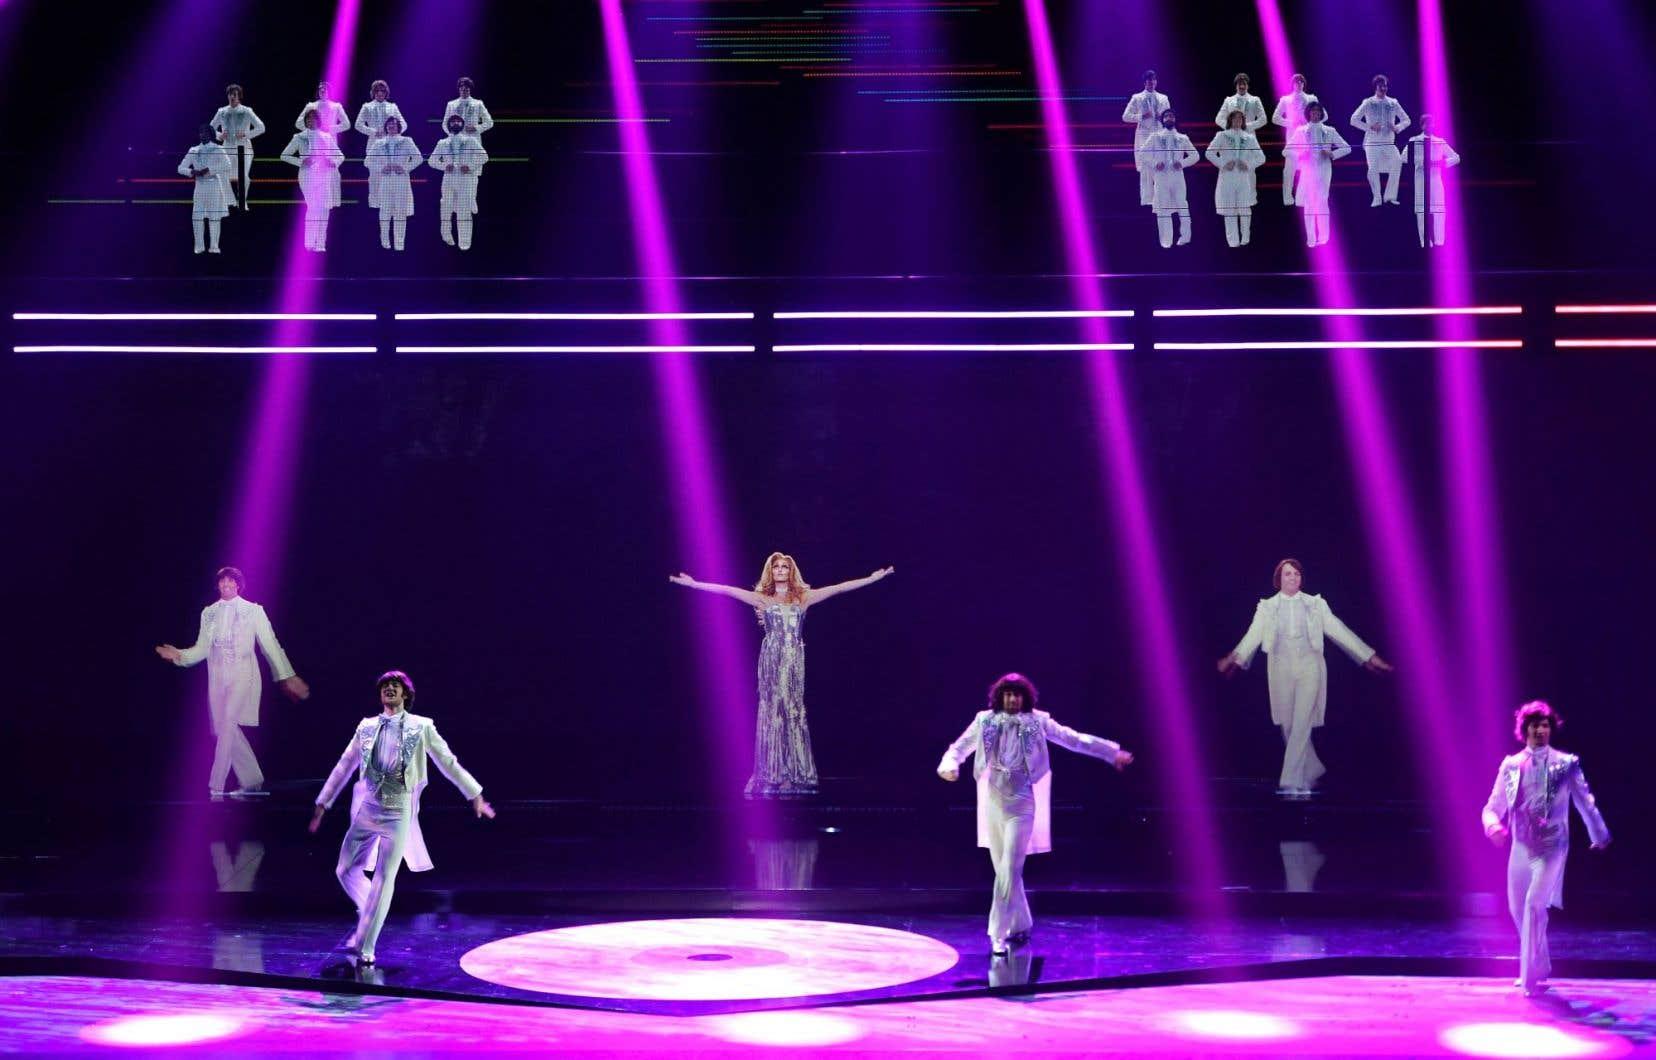 La gestuelle de Dalida est difficile à restituer, selon le metteur en scène du spectacle, Gregory Antoine.